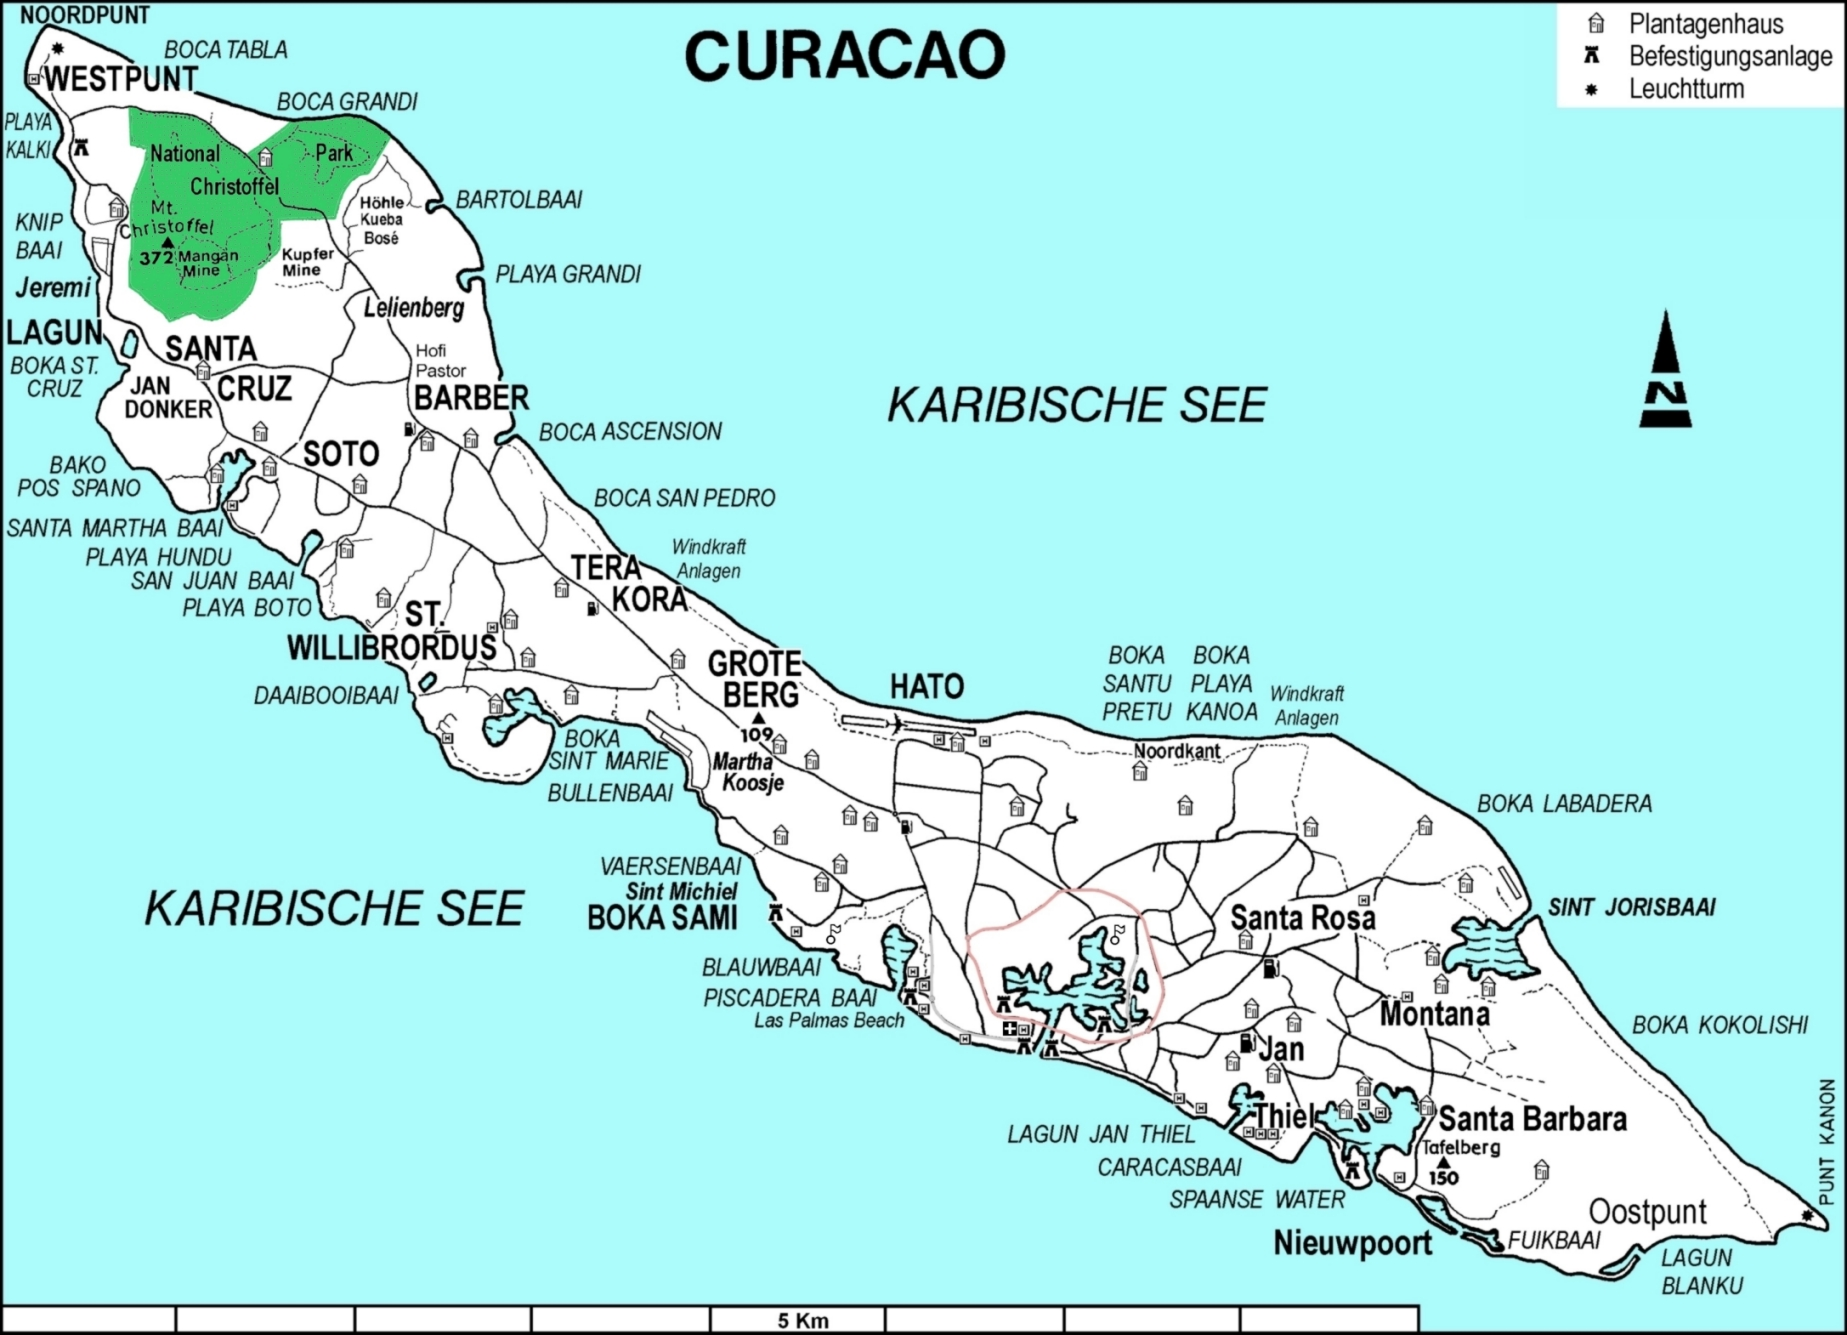 curacao karte File:Curacao.   Wikimedia Commons